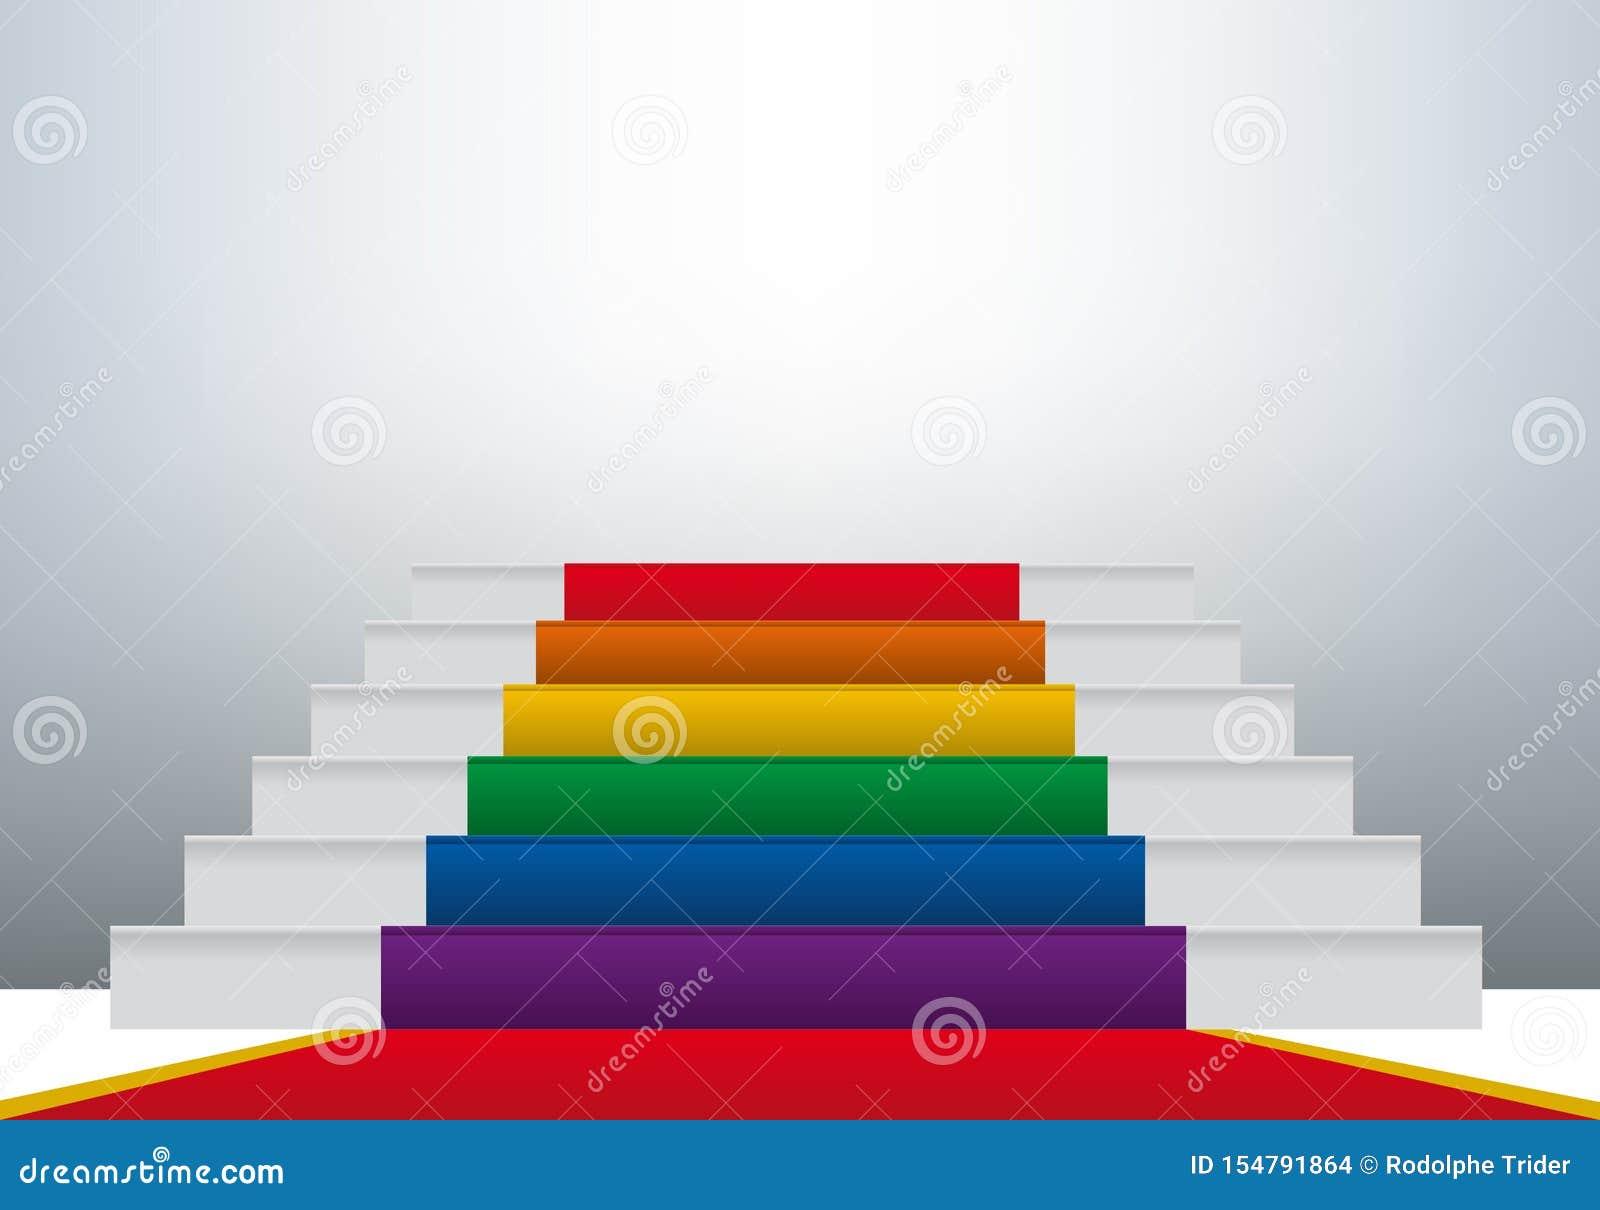 Concept de l homosexualité avec l évolution de la mentalité et du progrès dans l acceptation de la communauté gaie